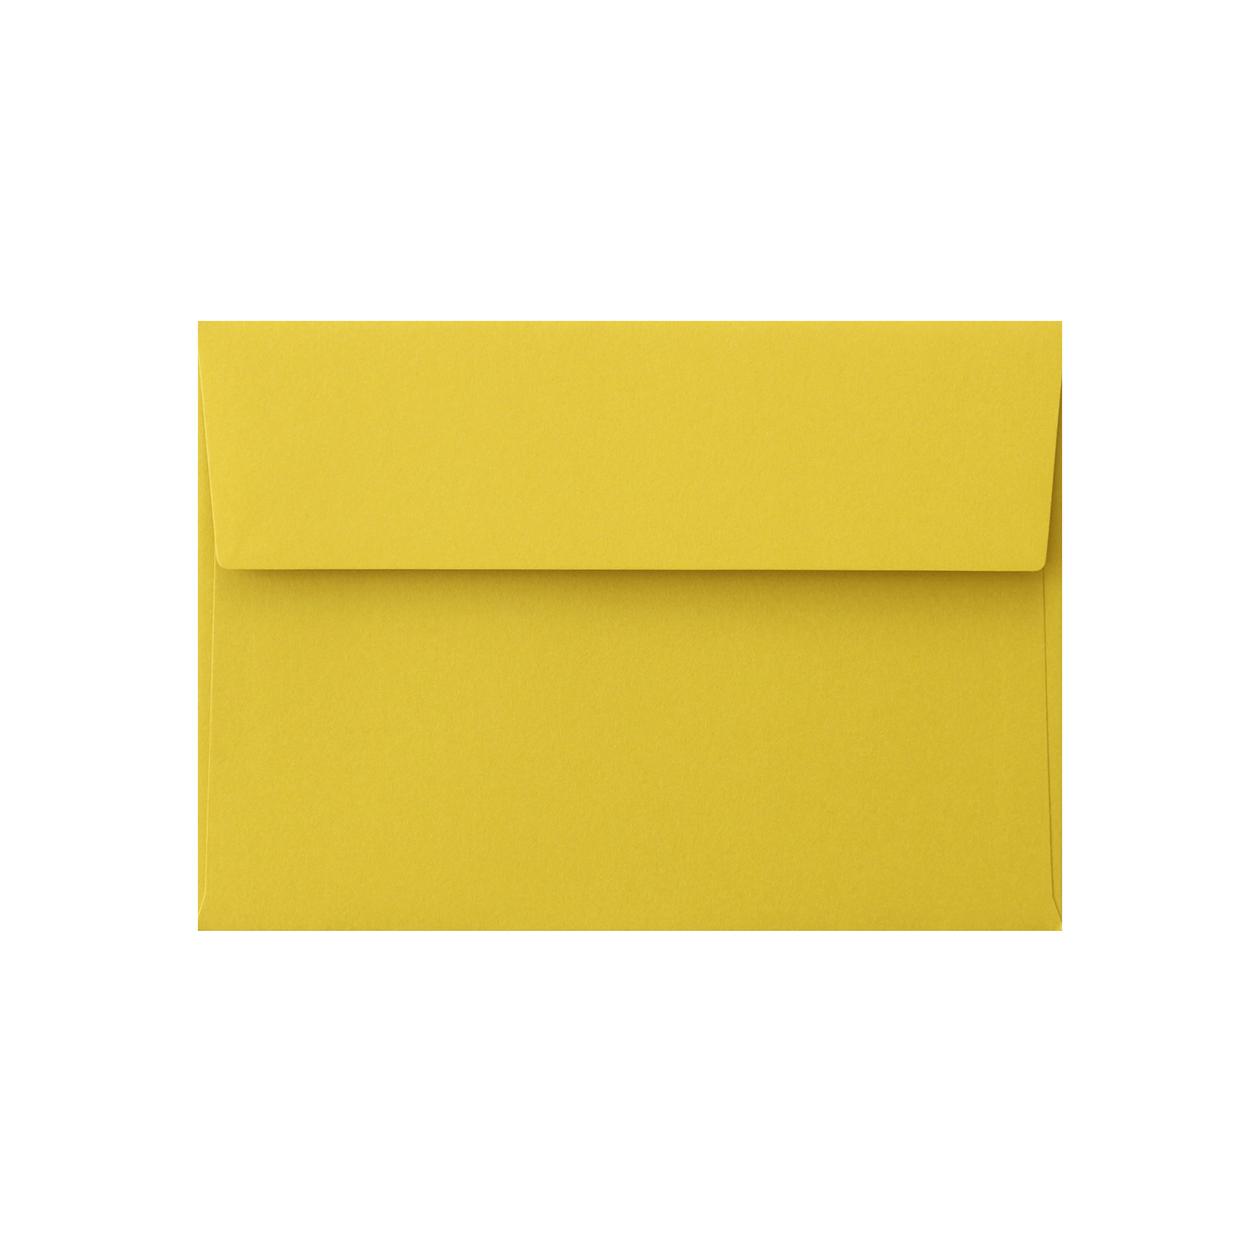 洋2カマス封筒 コットン(NTラシャ) もえぎ 116.3g